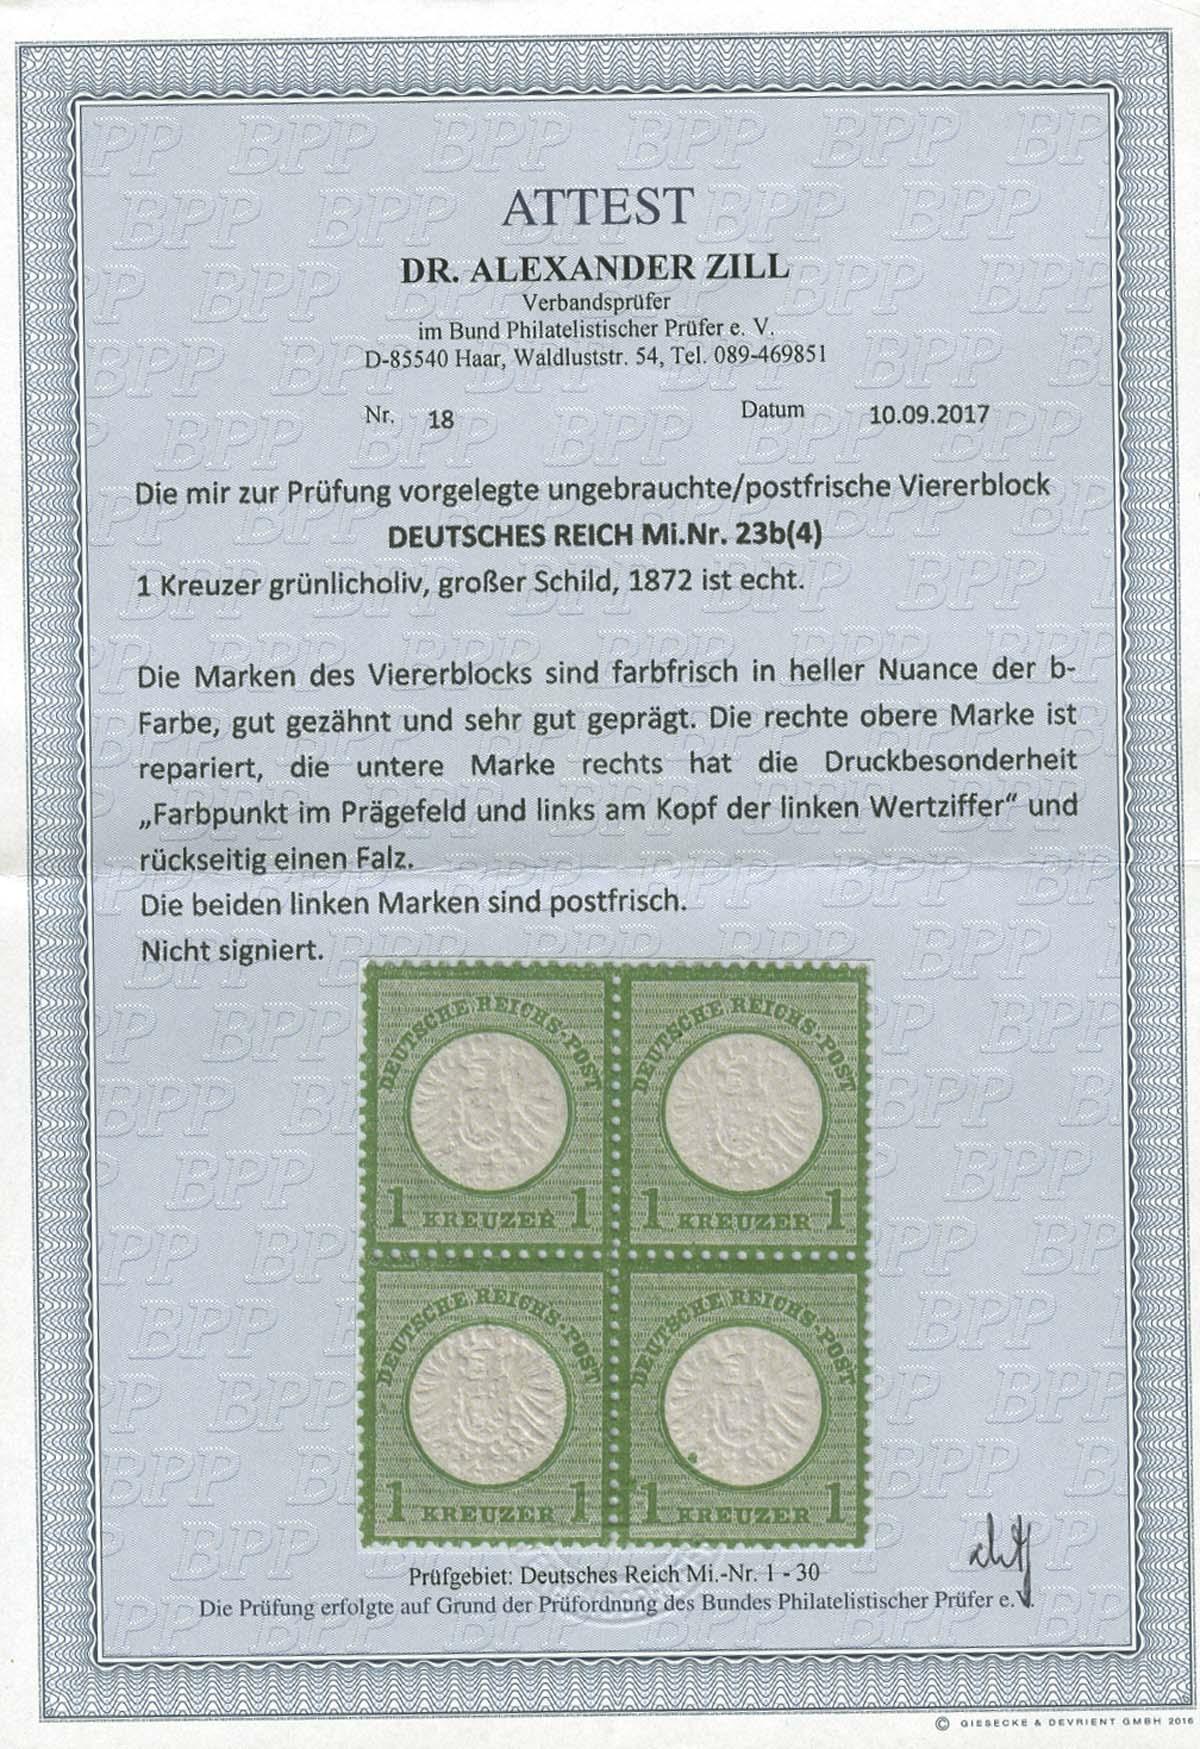 Lot 4204 - Deutsches Reich_Brustschilde  -  Auktionshaus Ulrich Felzmann GmbH & Co. KG Auction 170 International Autumn Auction 2020 Day 4